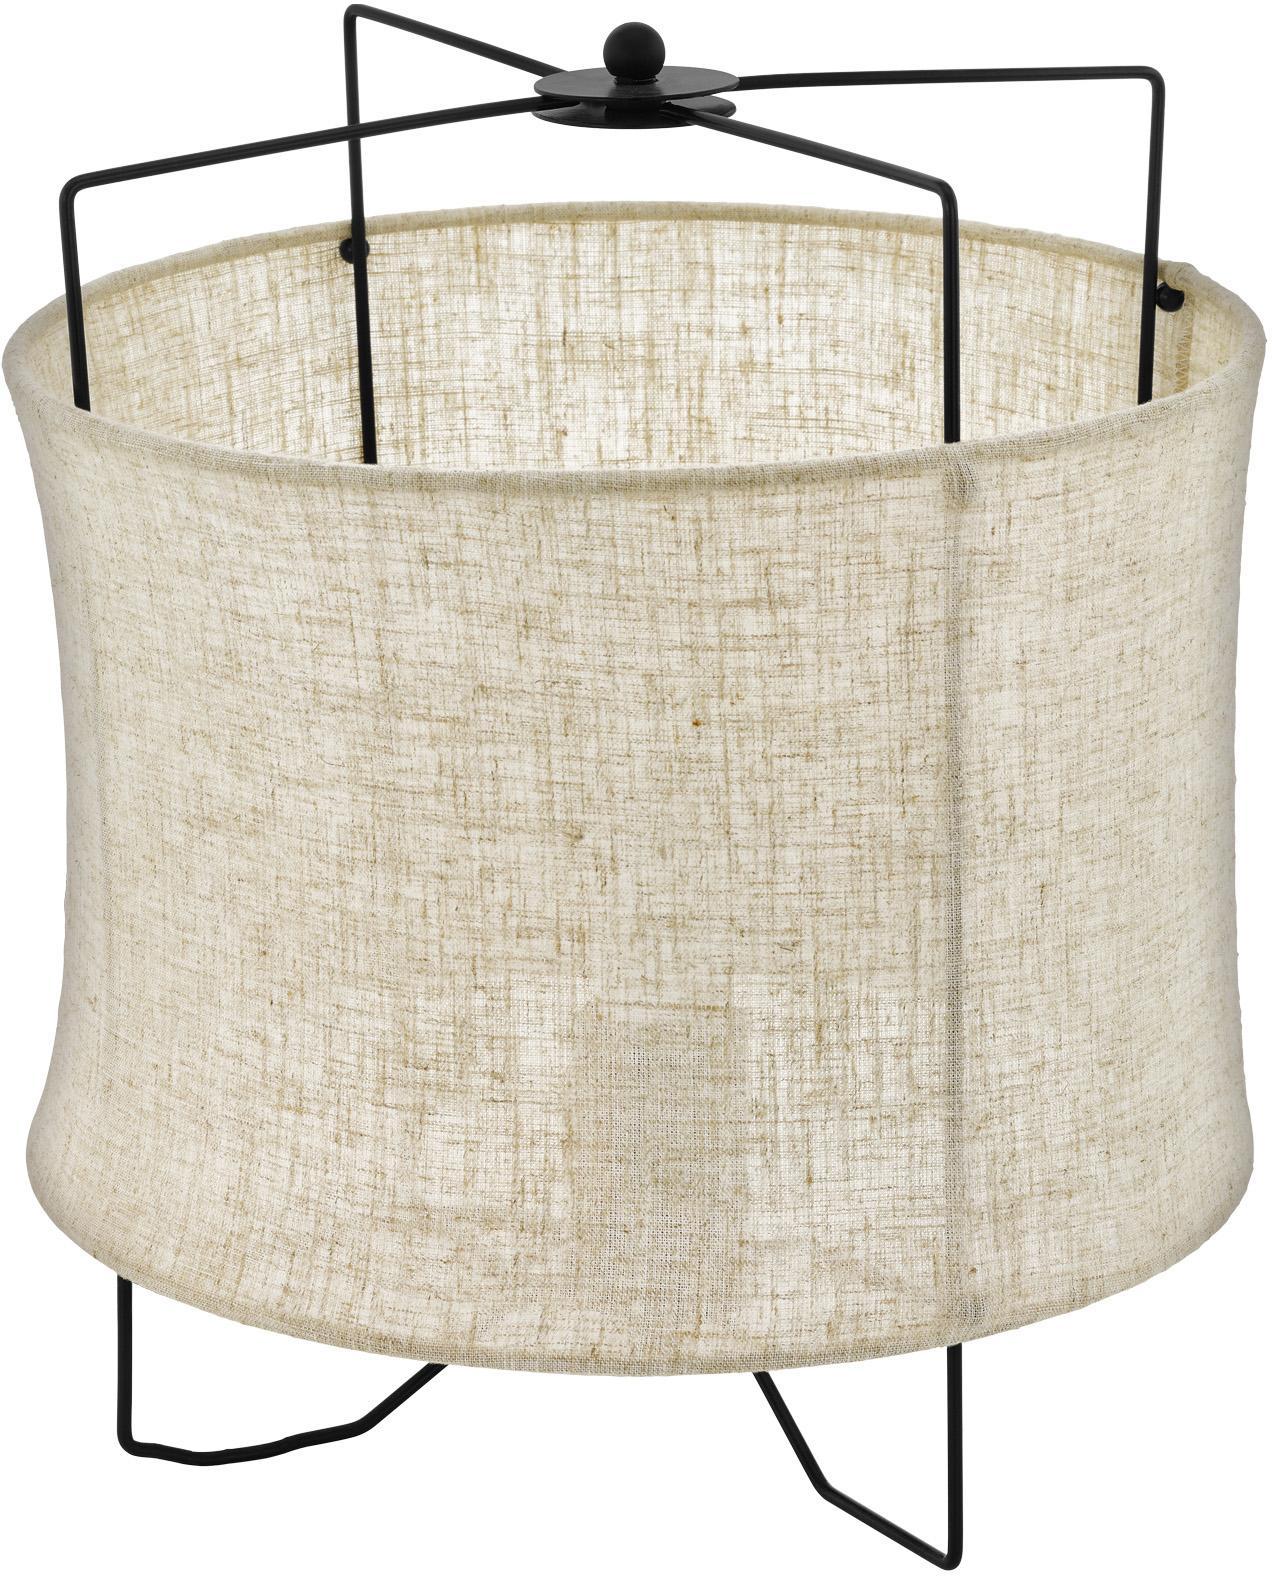 Lámpara de mesa Bridekirk, Pantalla: lino, Estructura: metal pintado, Beige, Ø 30 x Al 34 cm